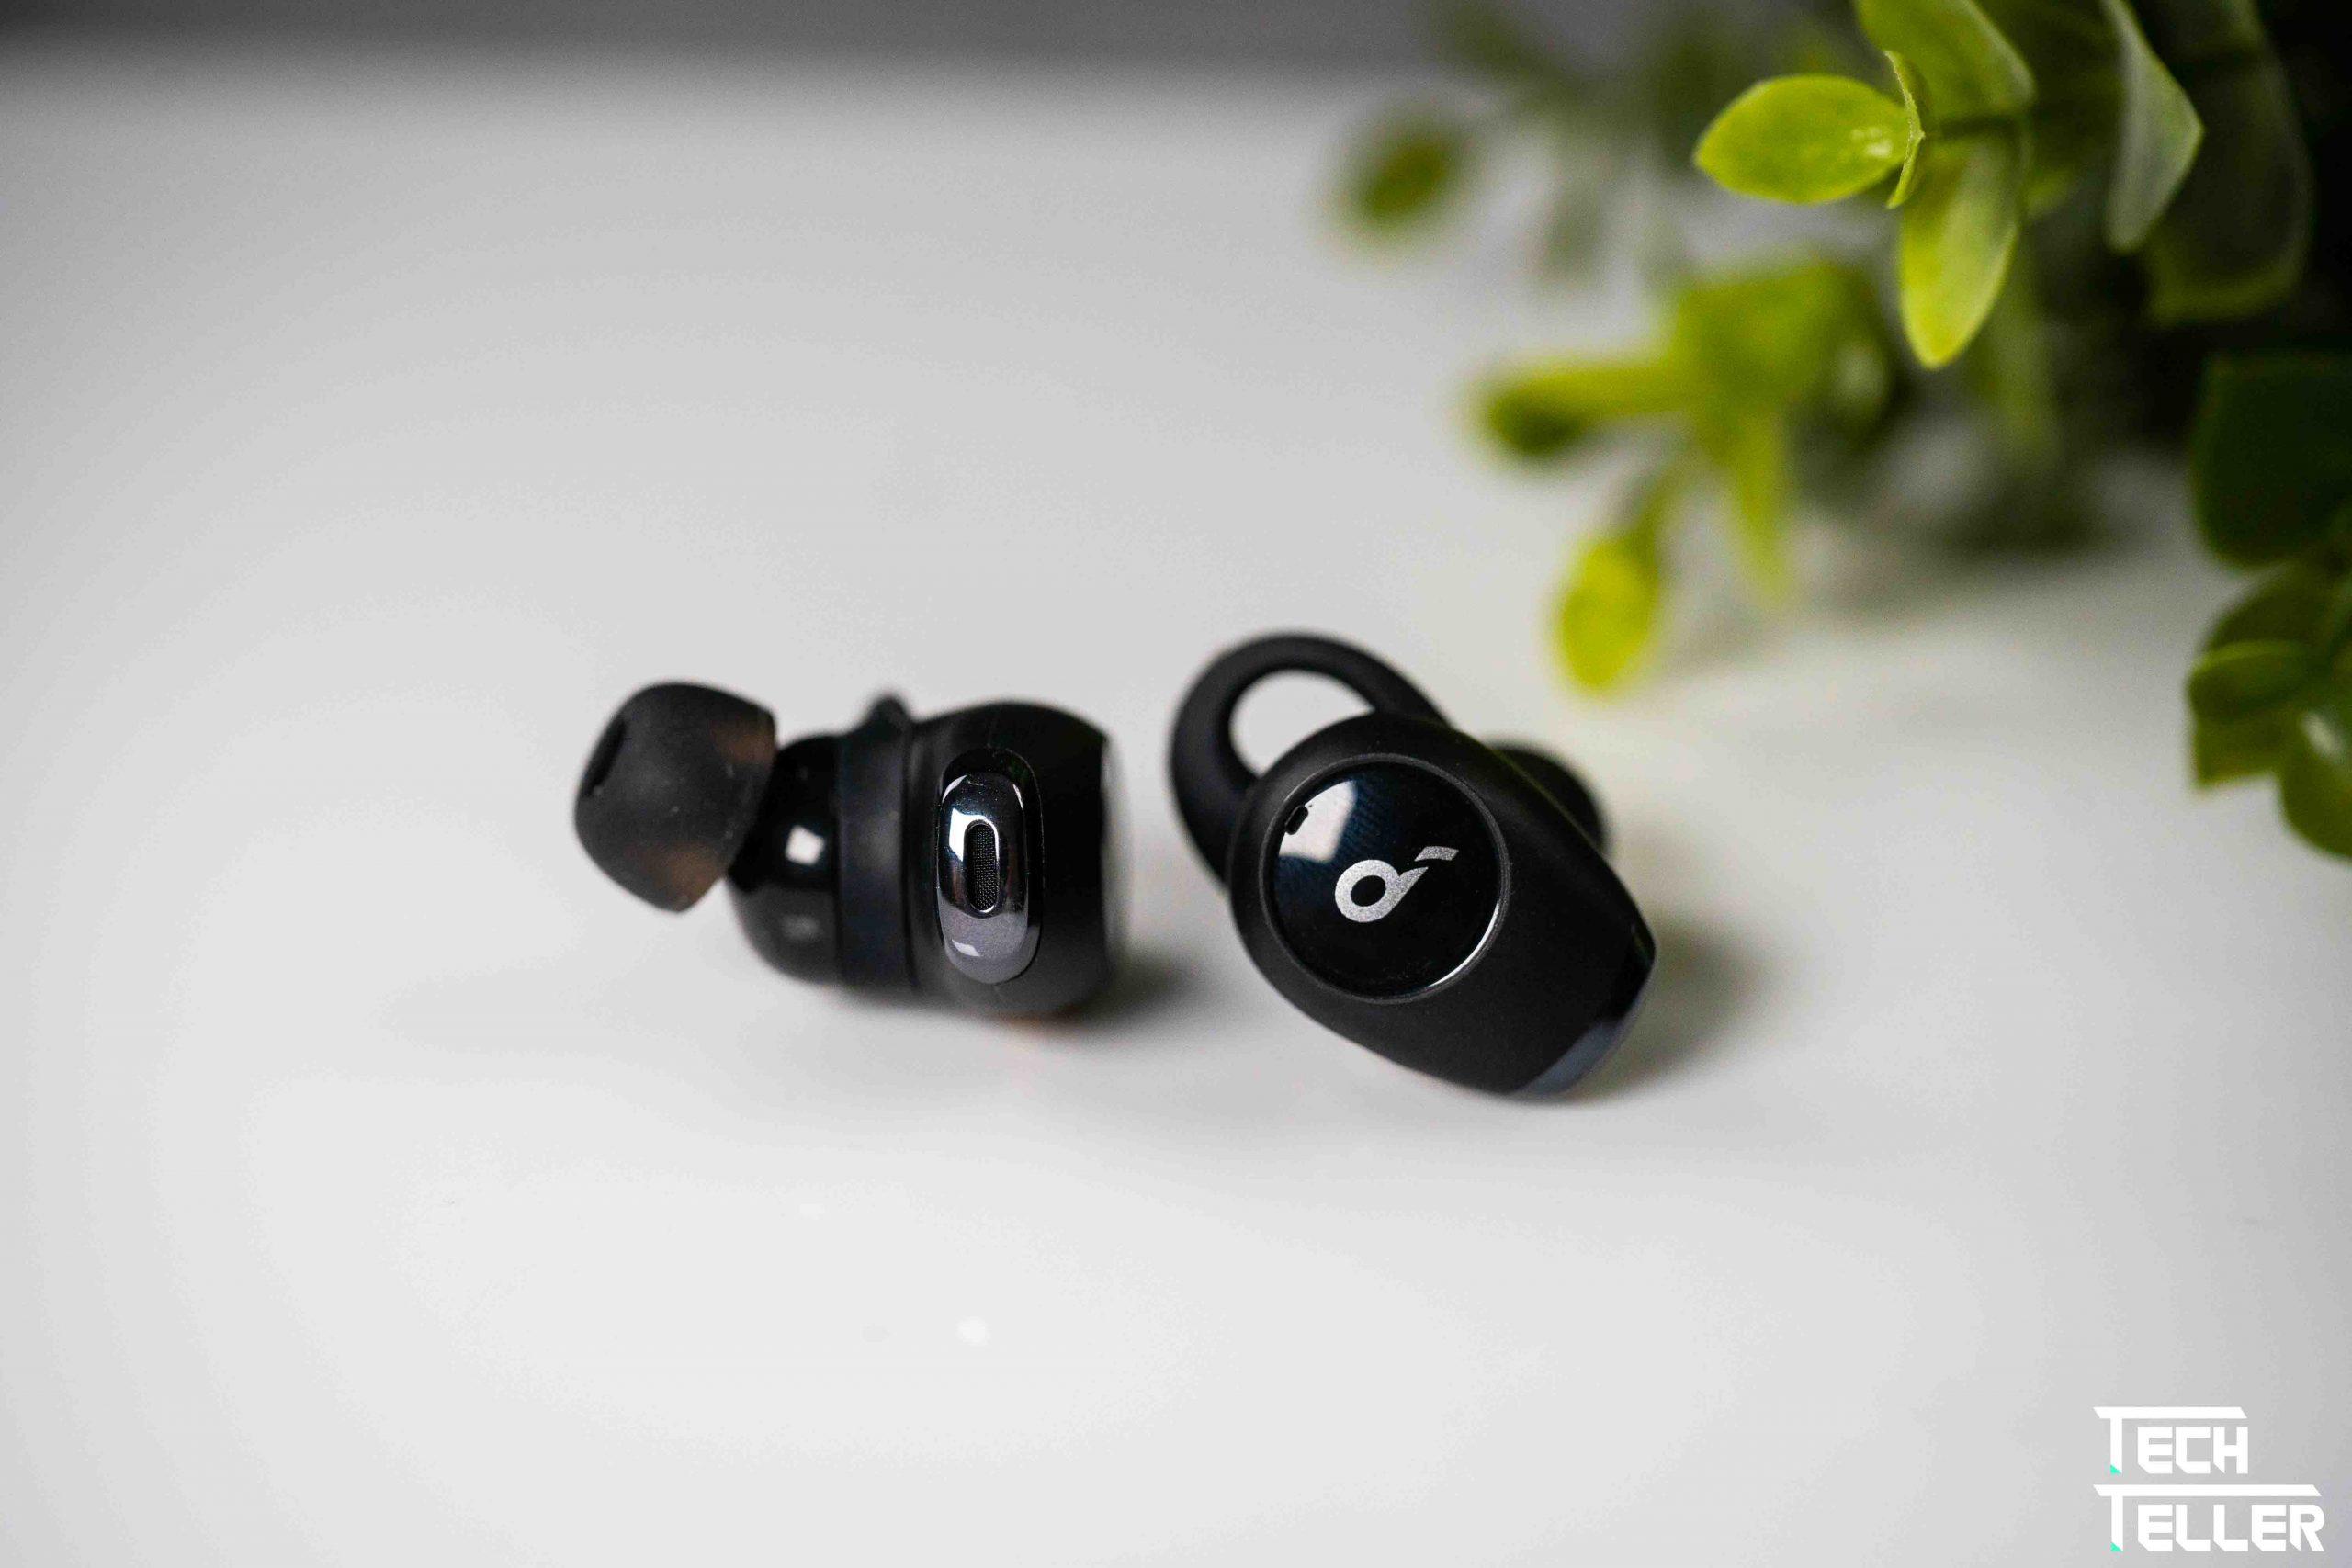 業界最高六麥克風,頂級降噪、通話 Anker Soundcore Life Dot 2 NC 降噪真無線藍牙耳機